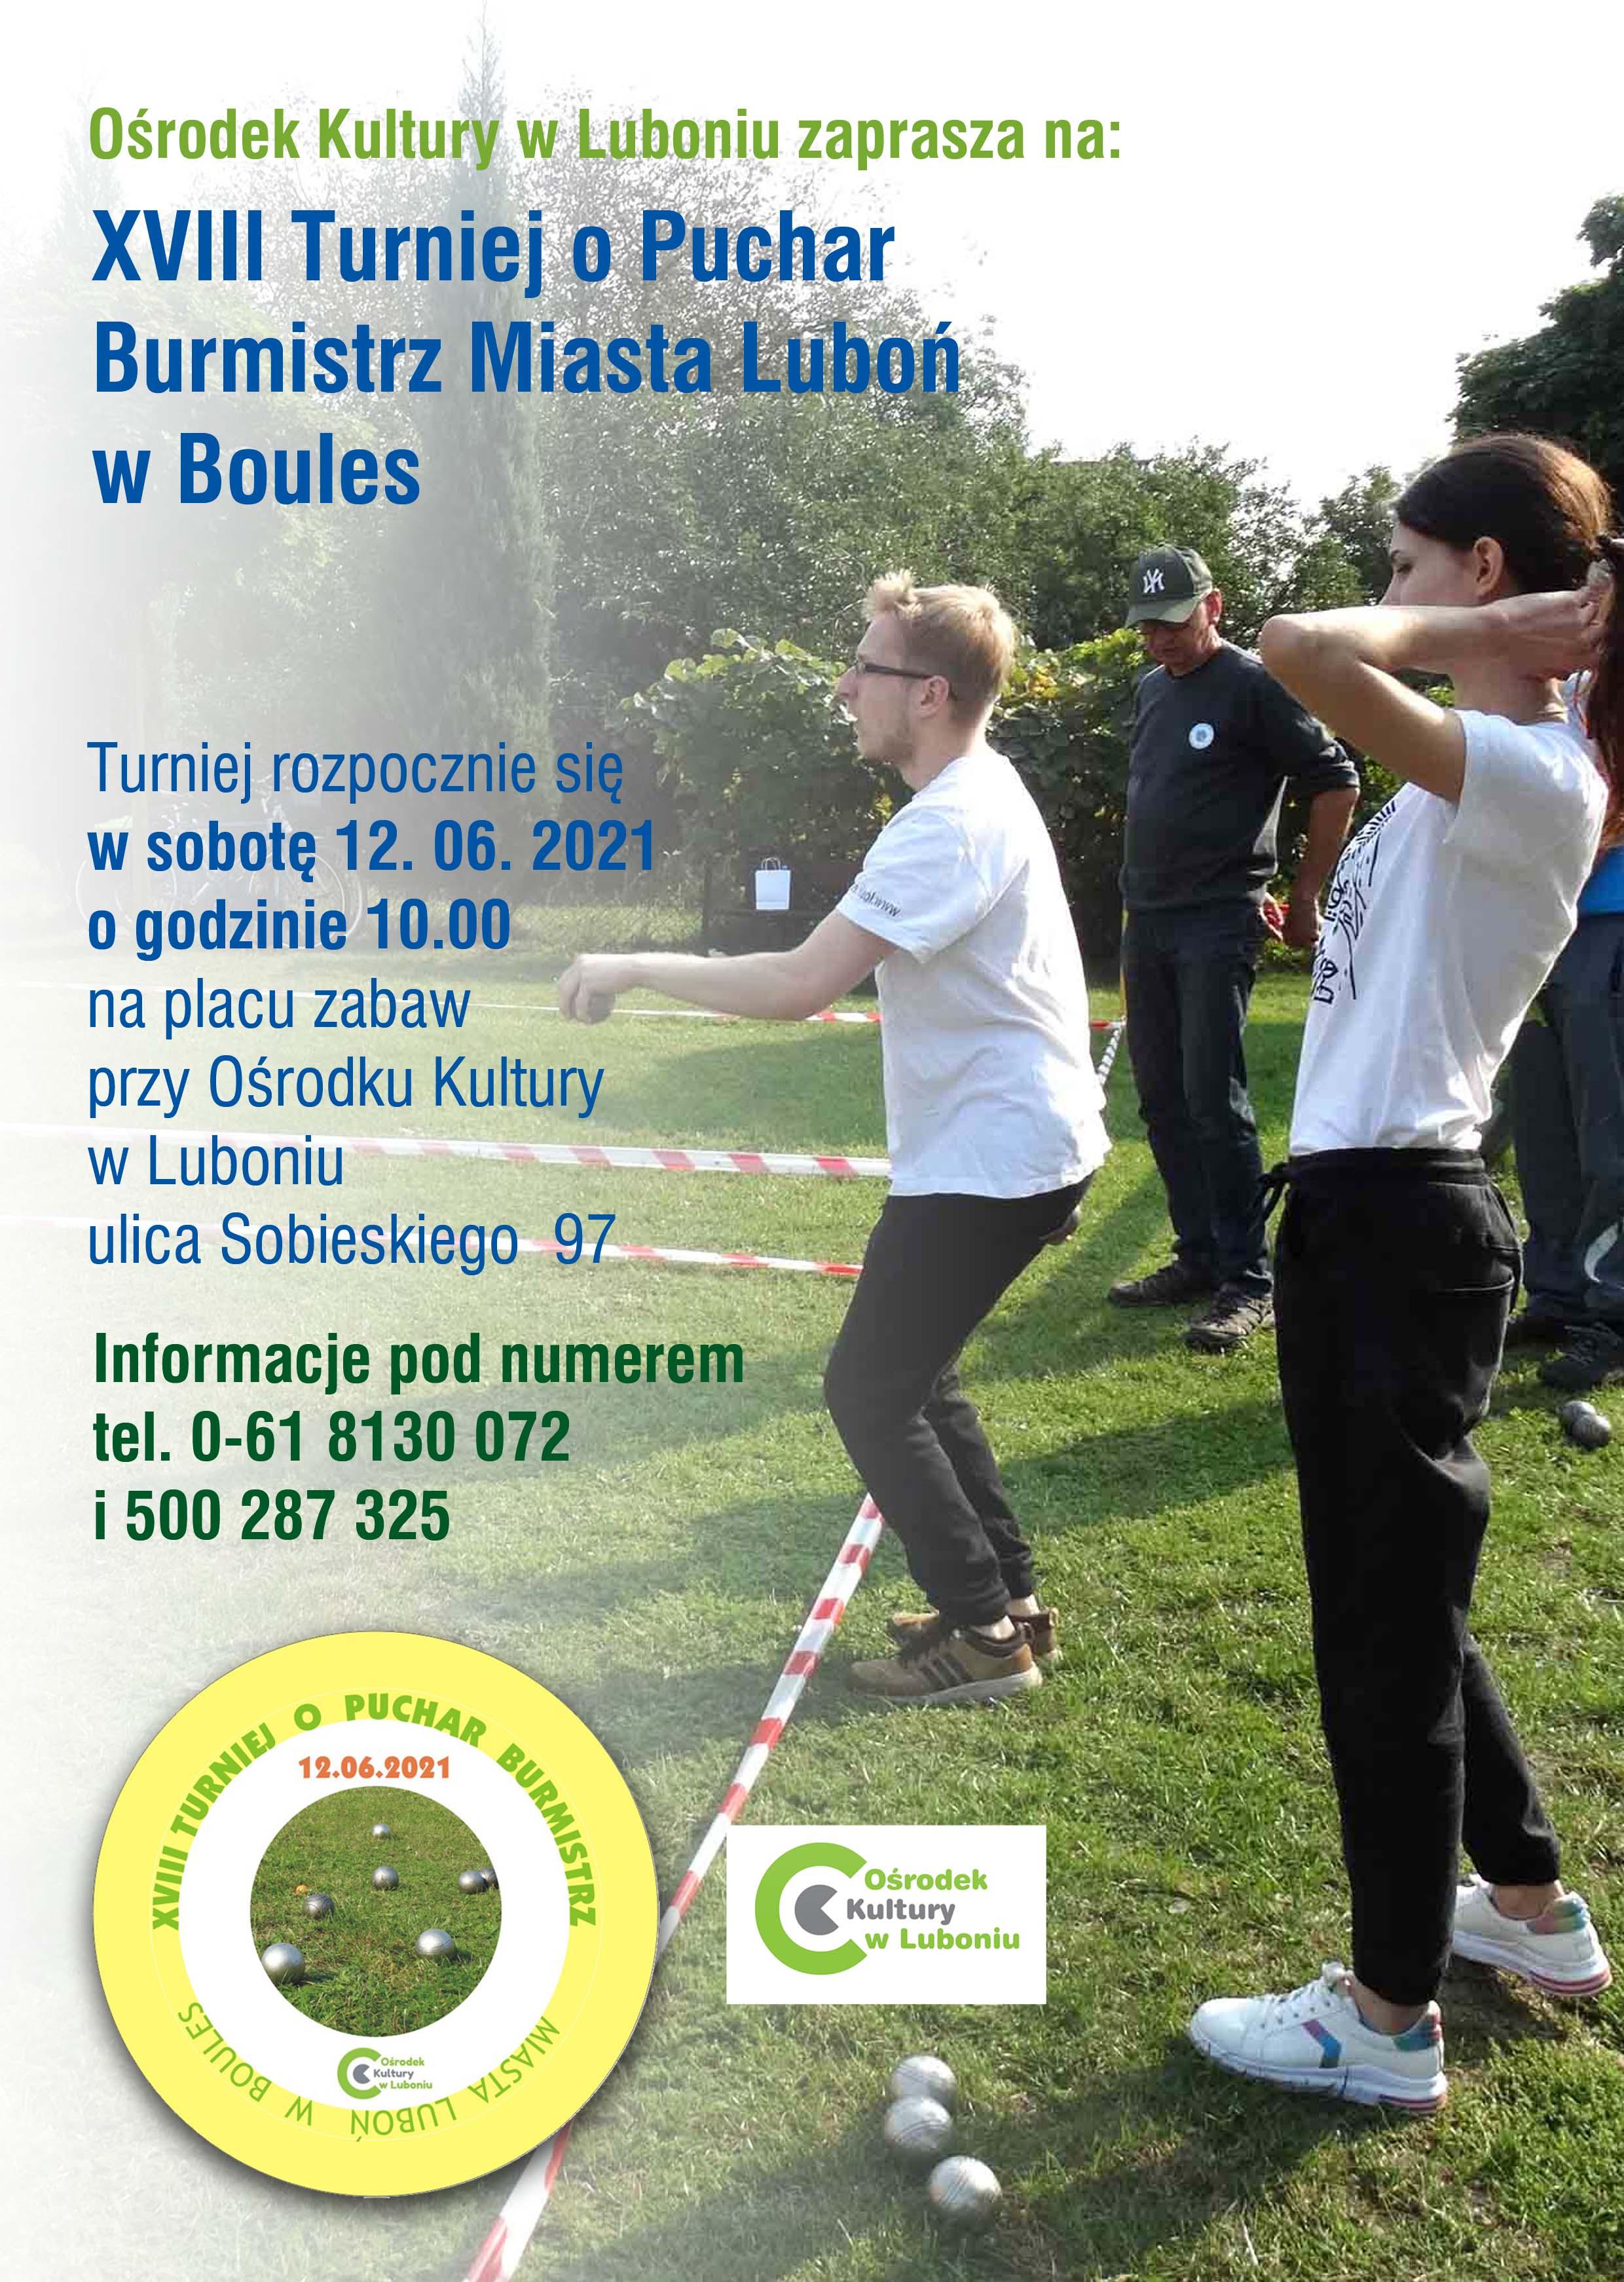 XVIII Turniej o Puchar Burmistrz Miasta Luboń w Boules